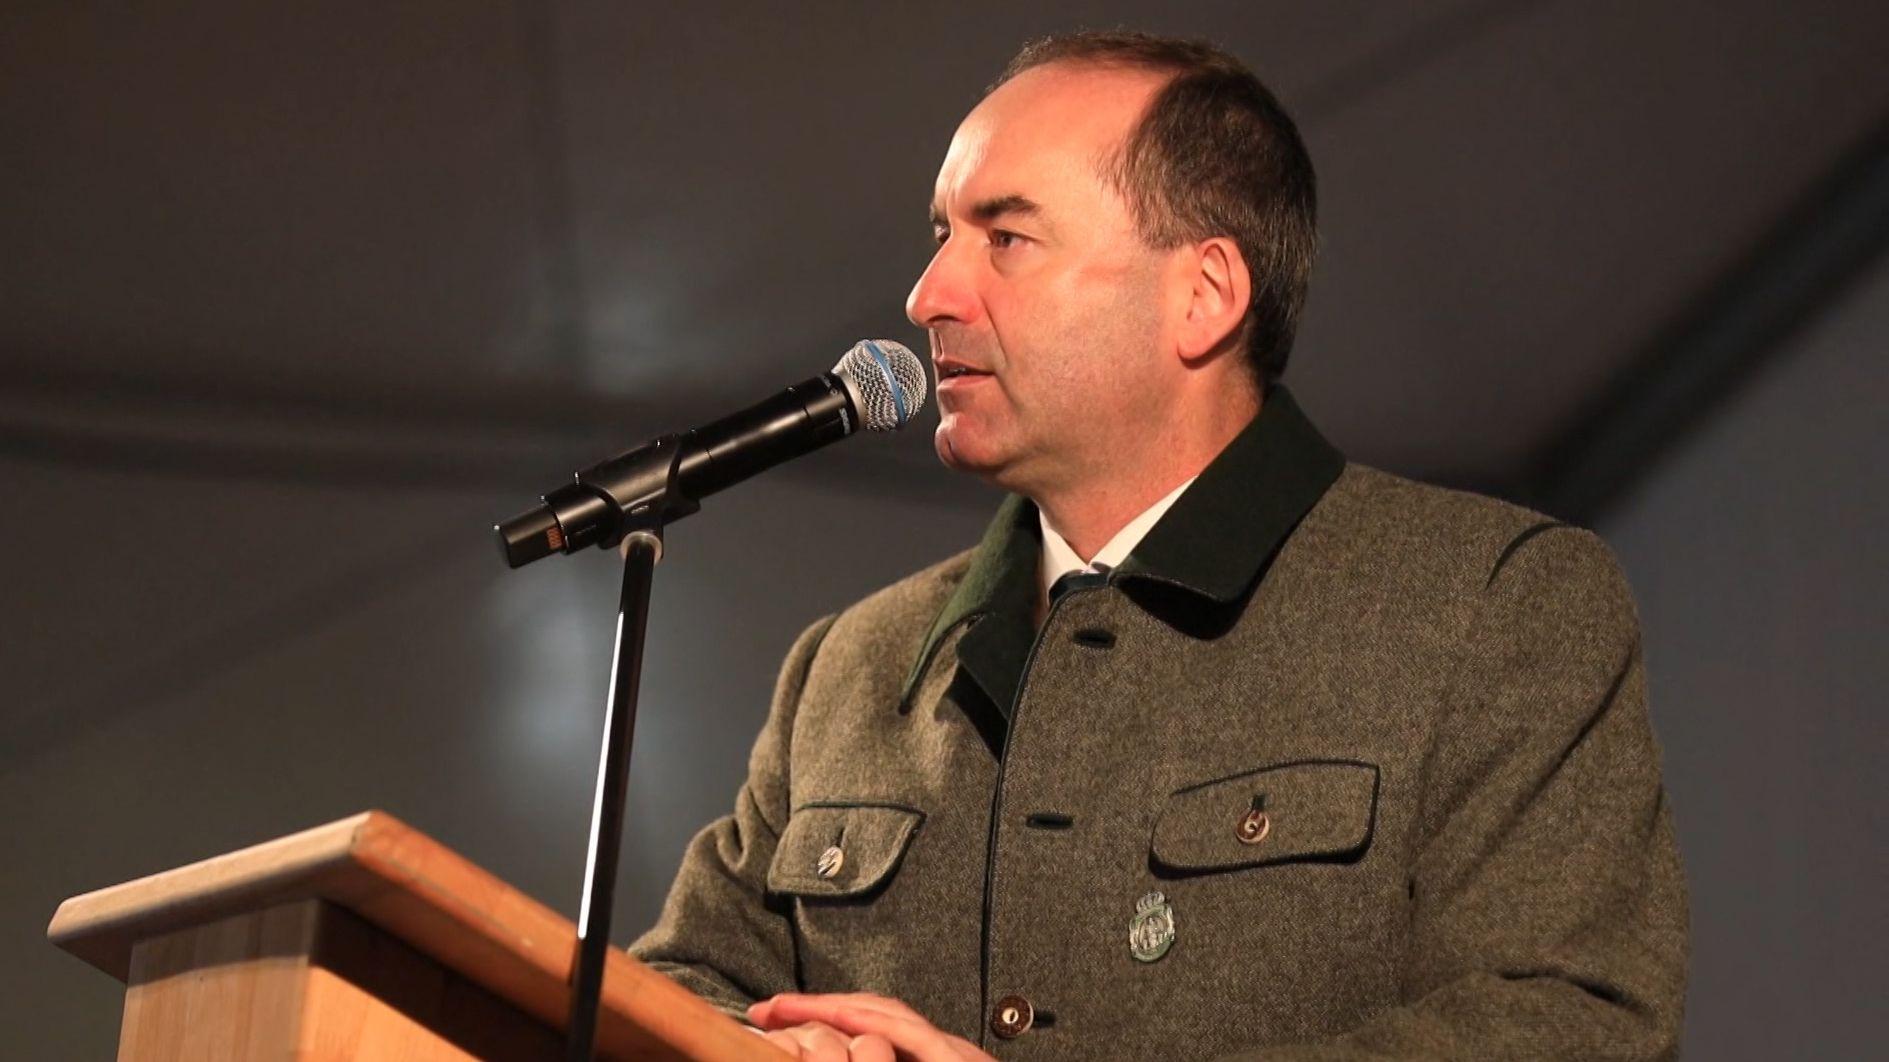 Freie-Wähler-Chef Aiwanger hat mit Aussagen zum Thema Messer für Irritationen gesorgt.